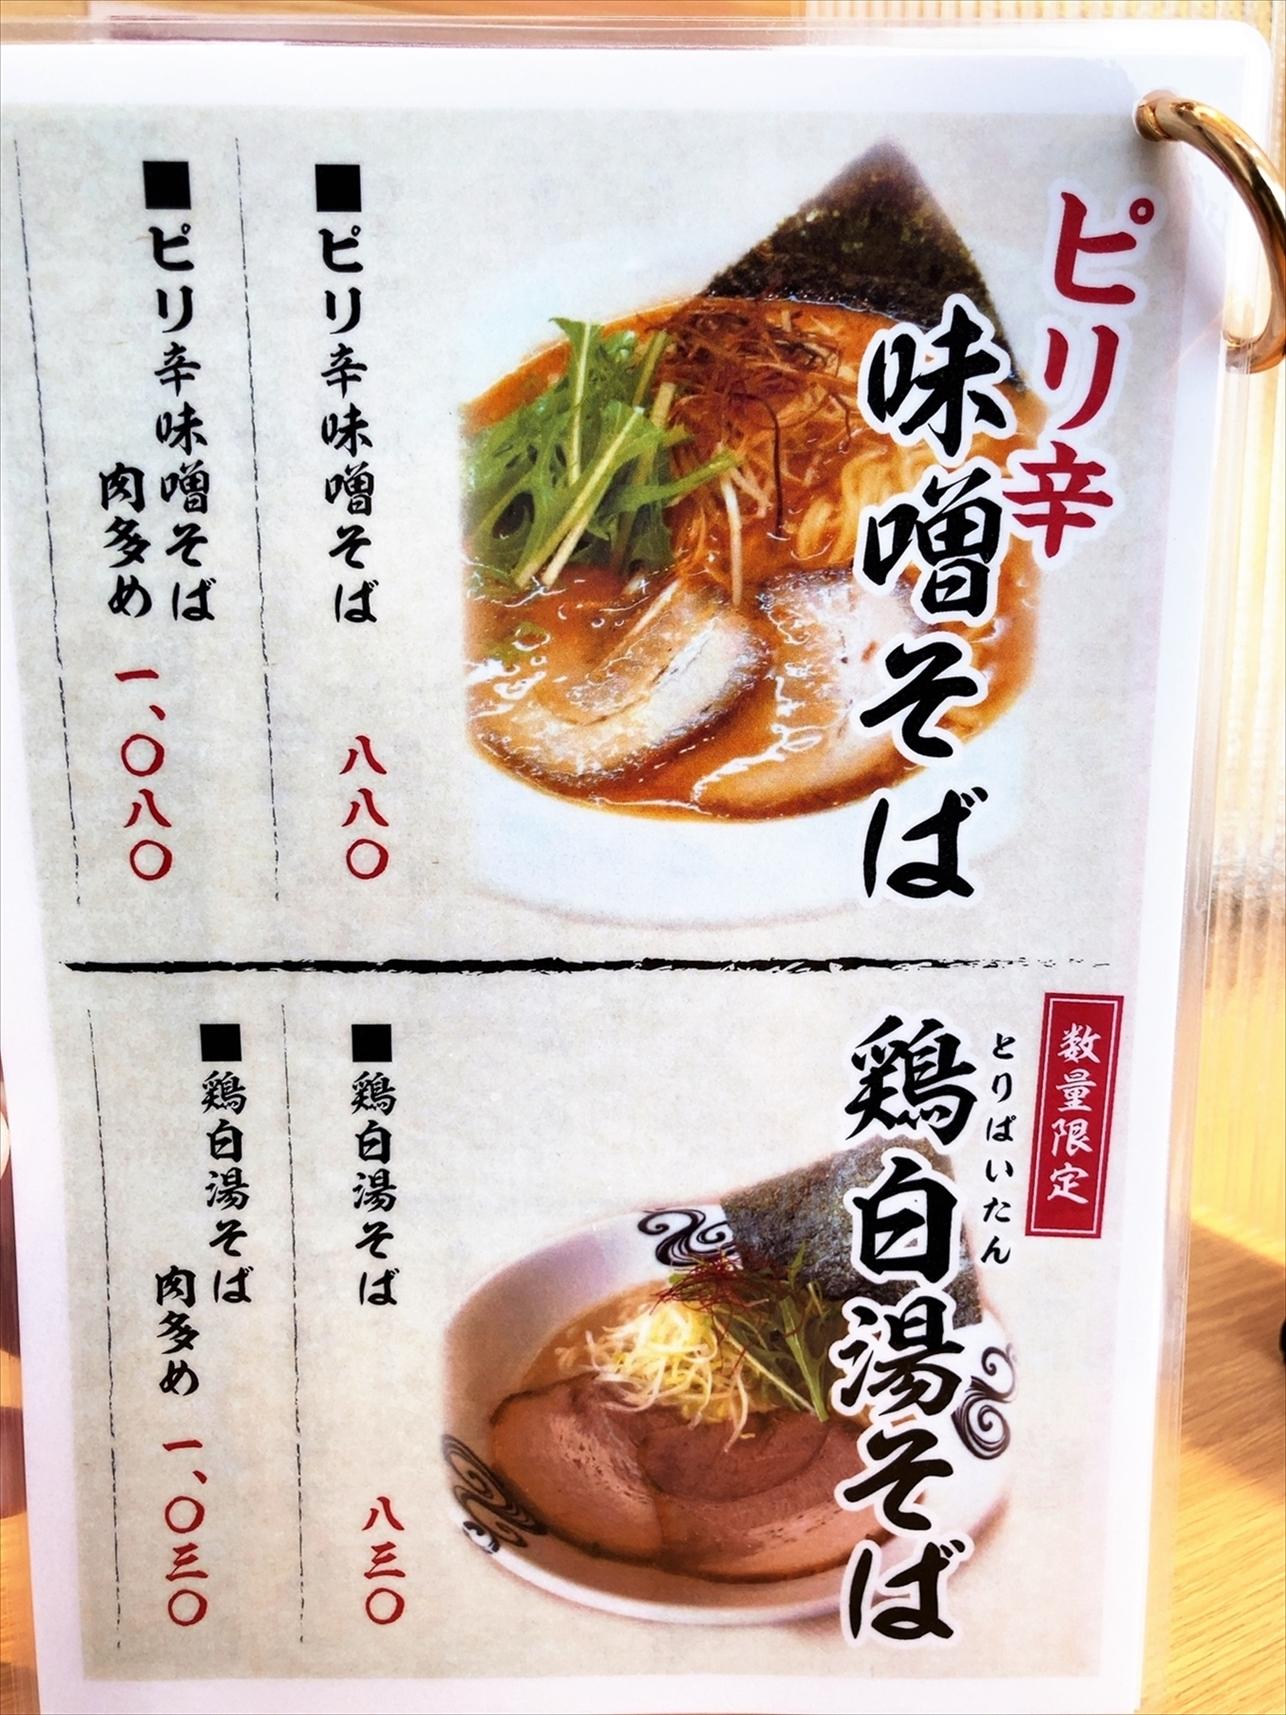 京都 麺や 向日葵のメニュー5